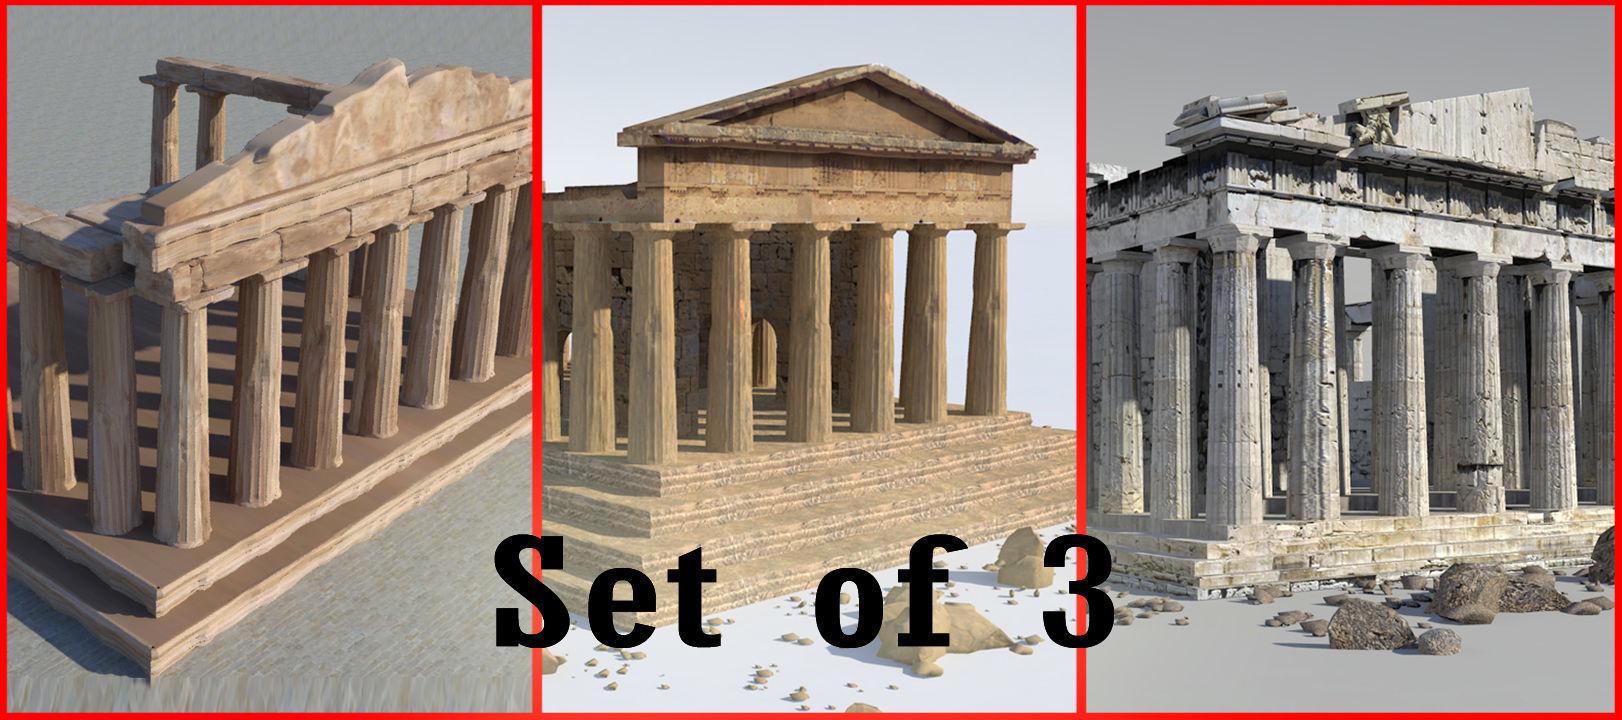 Parthenon-Set of 3